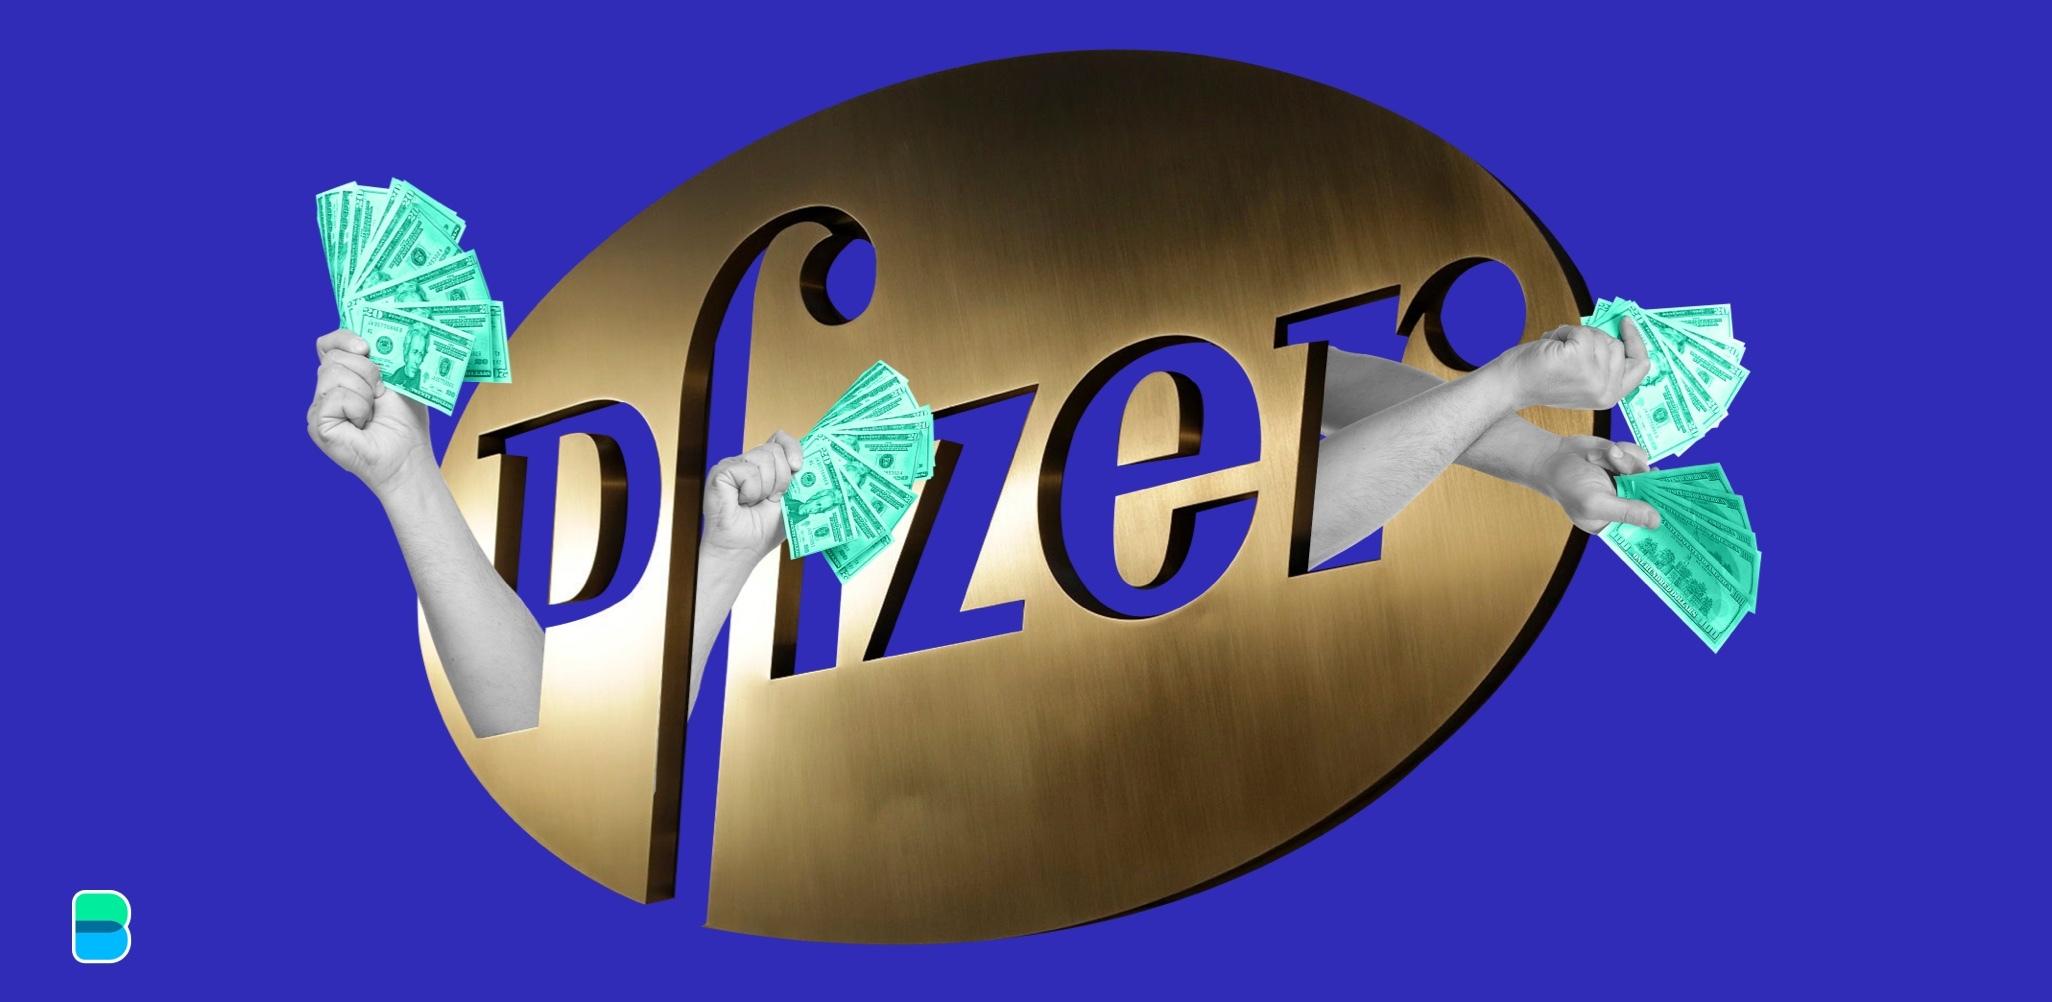 فايزر أيضاً تتحدث بالمليارات